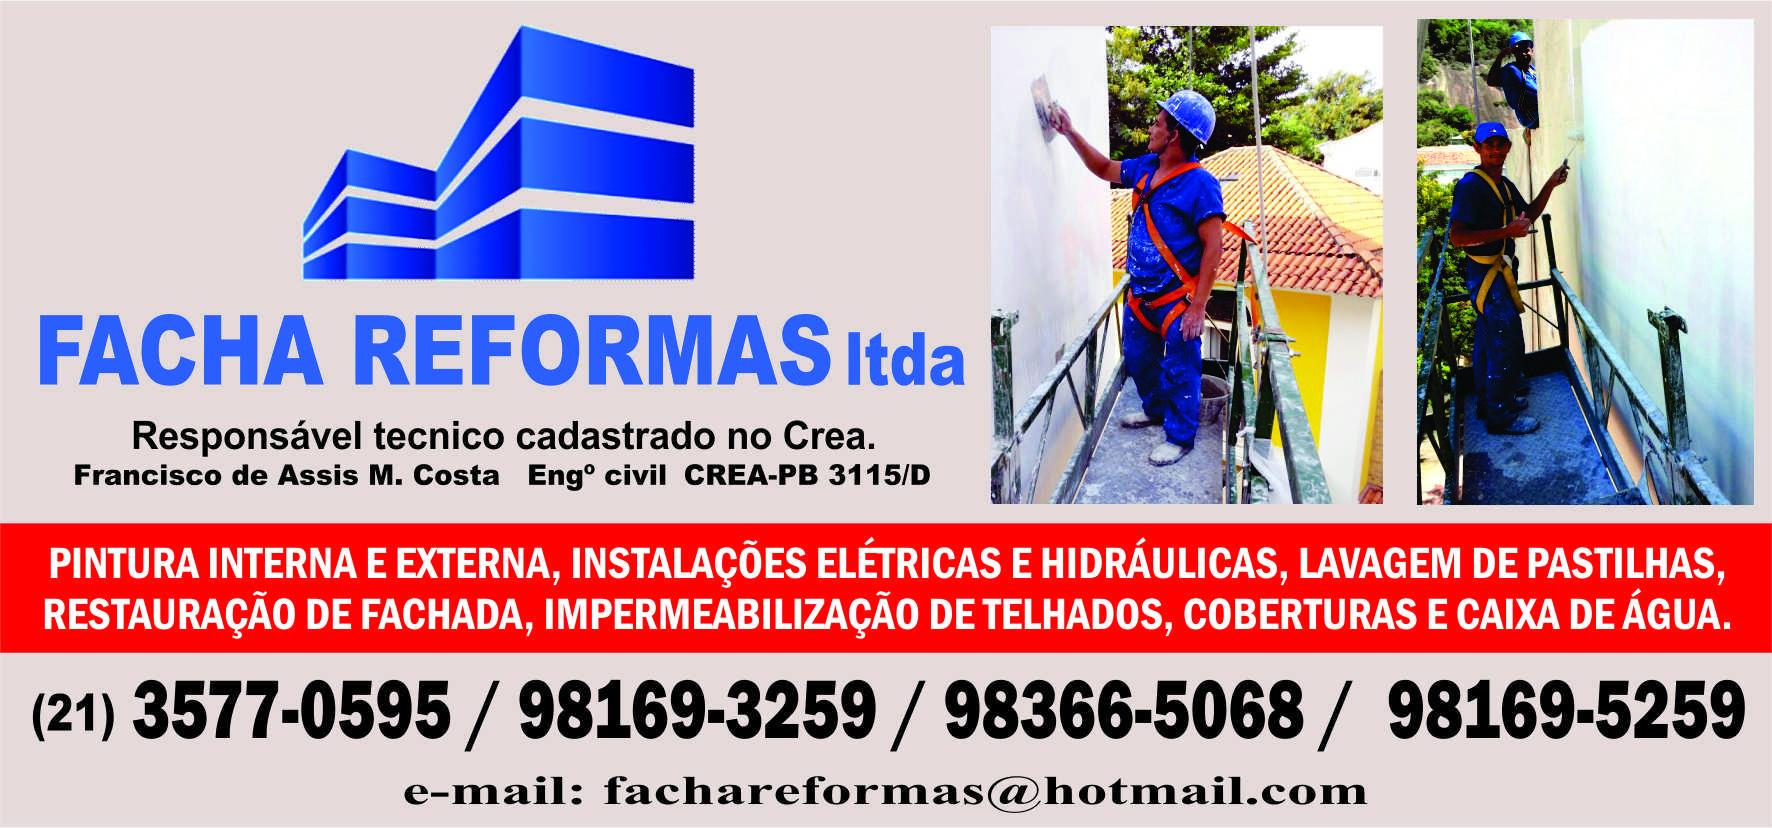 FACHA E REFORMAS